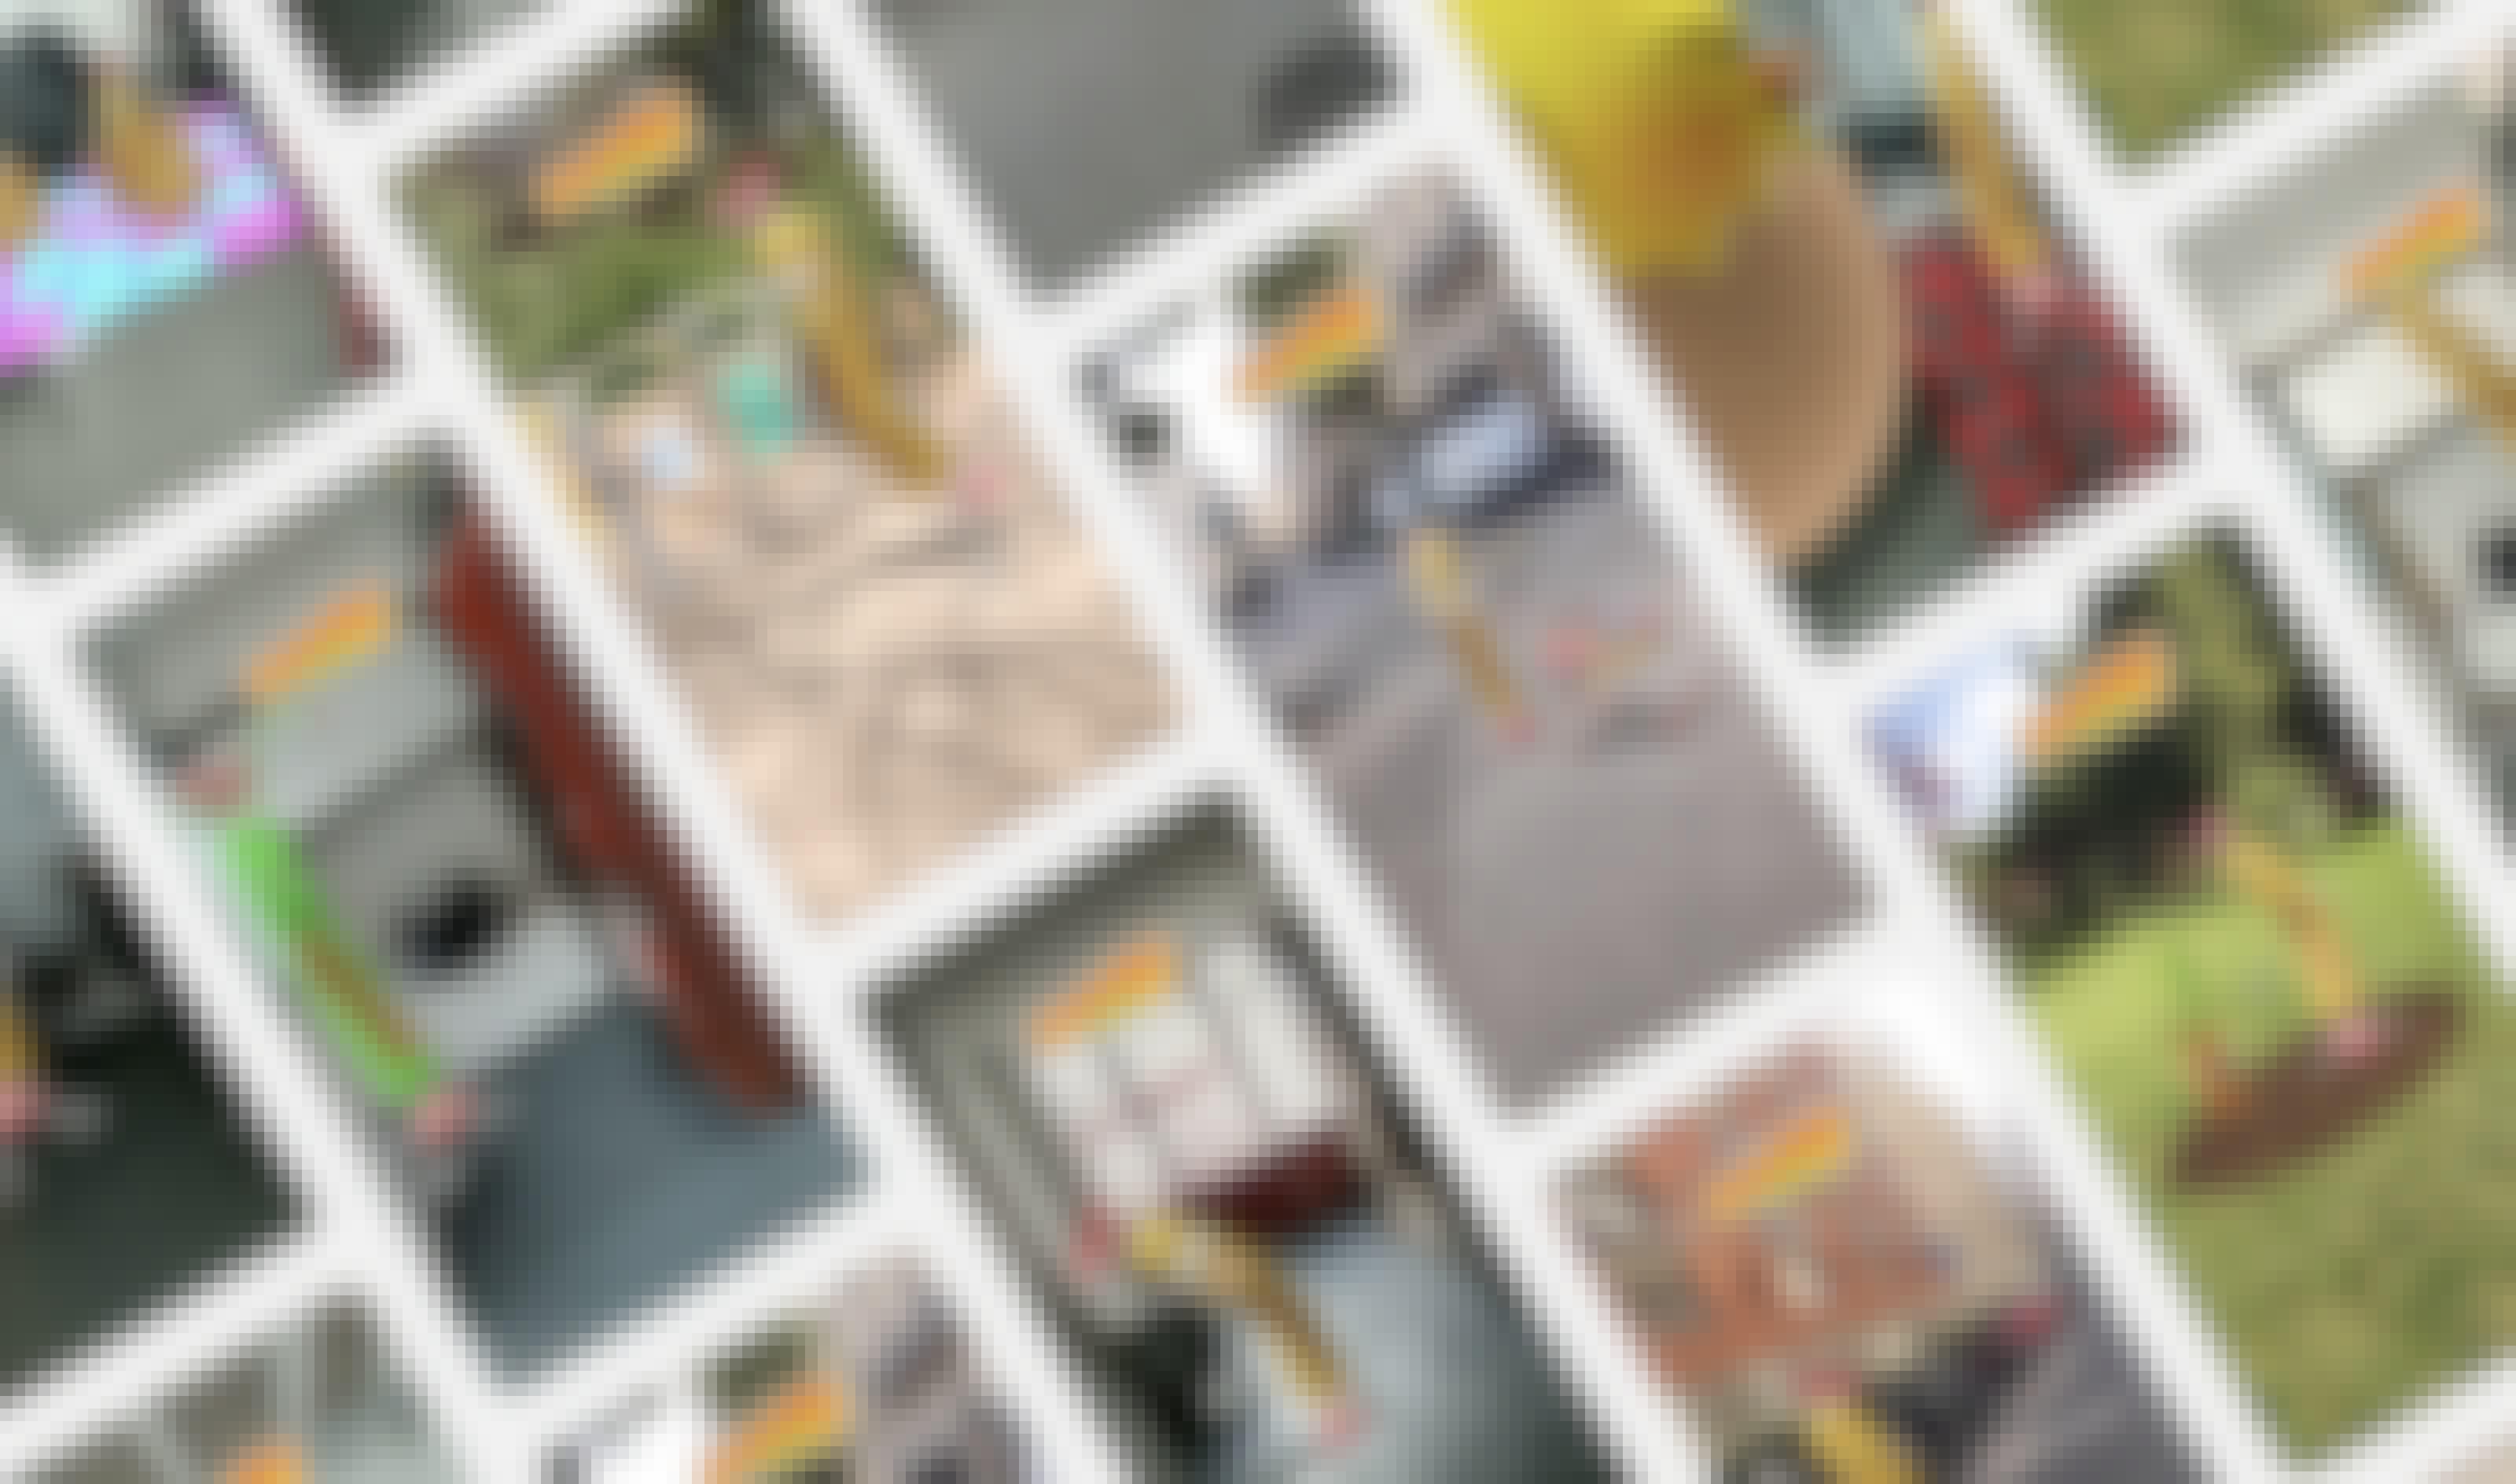 Mosaic of the lenses snapchat for Carambar